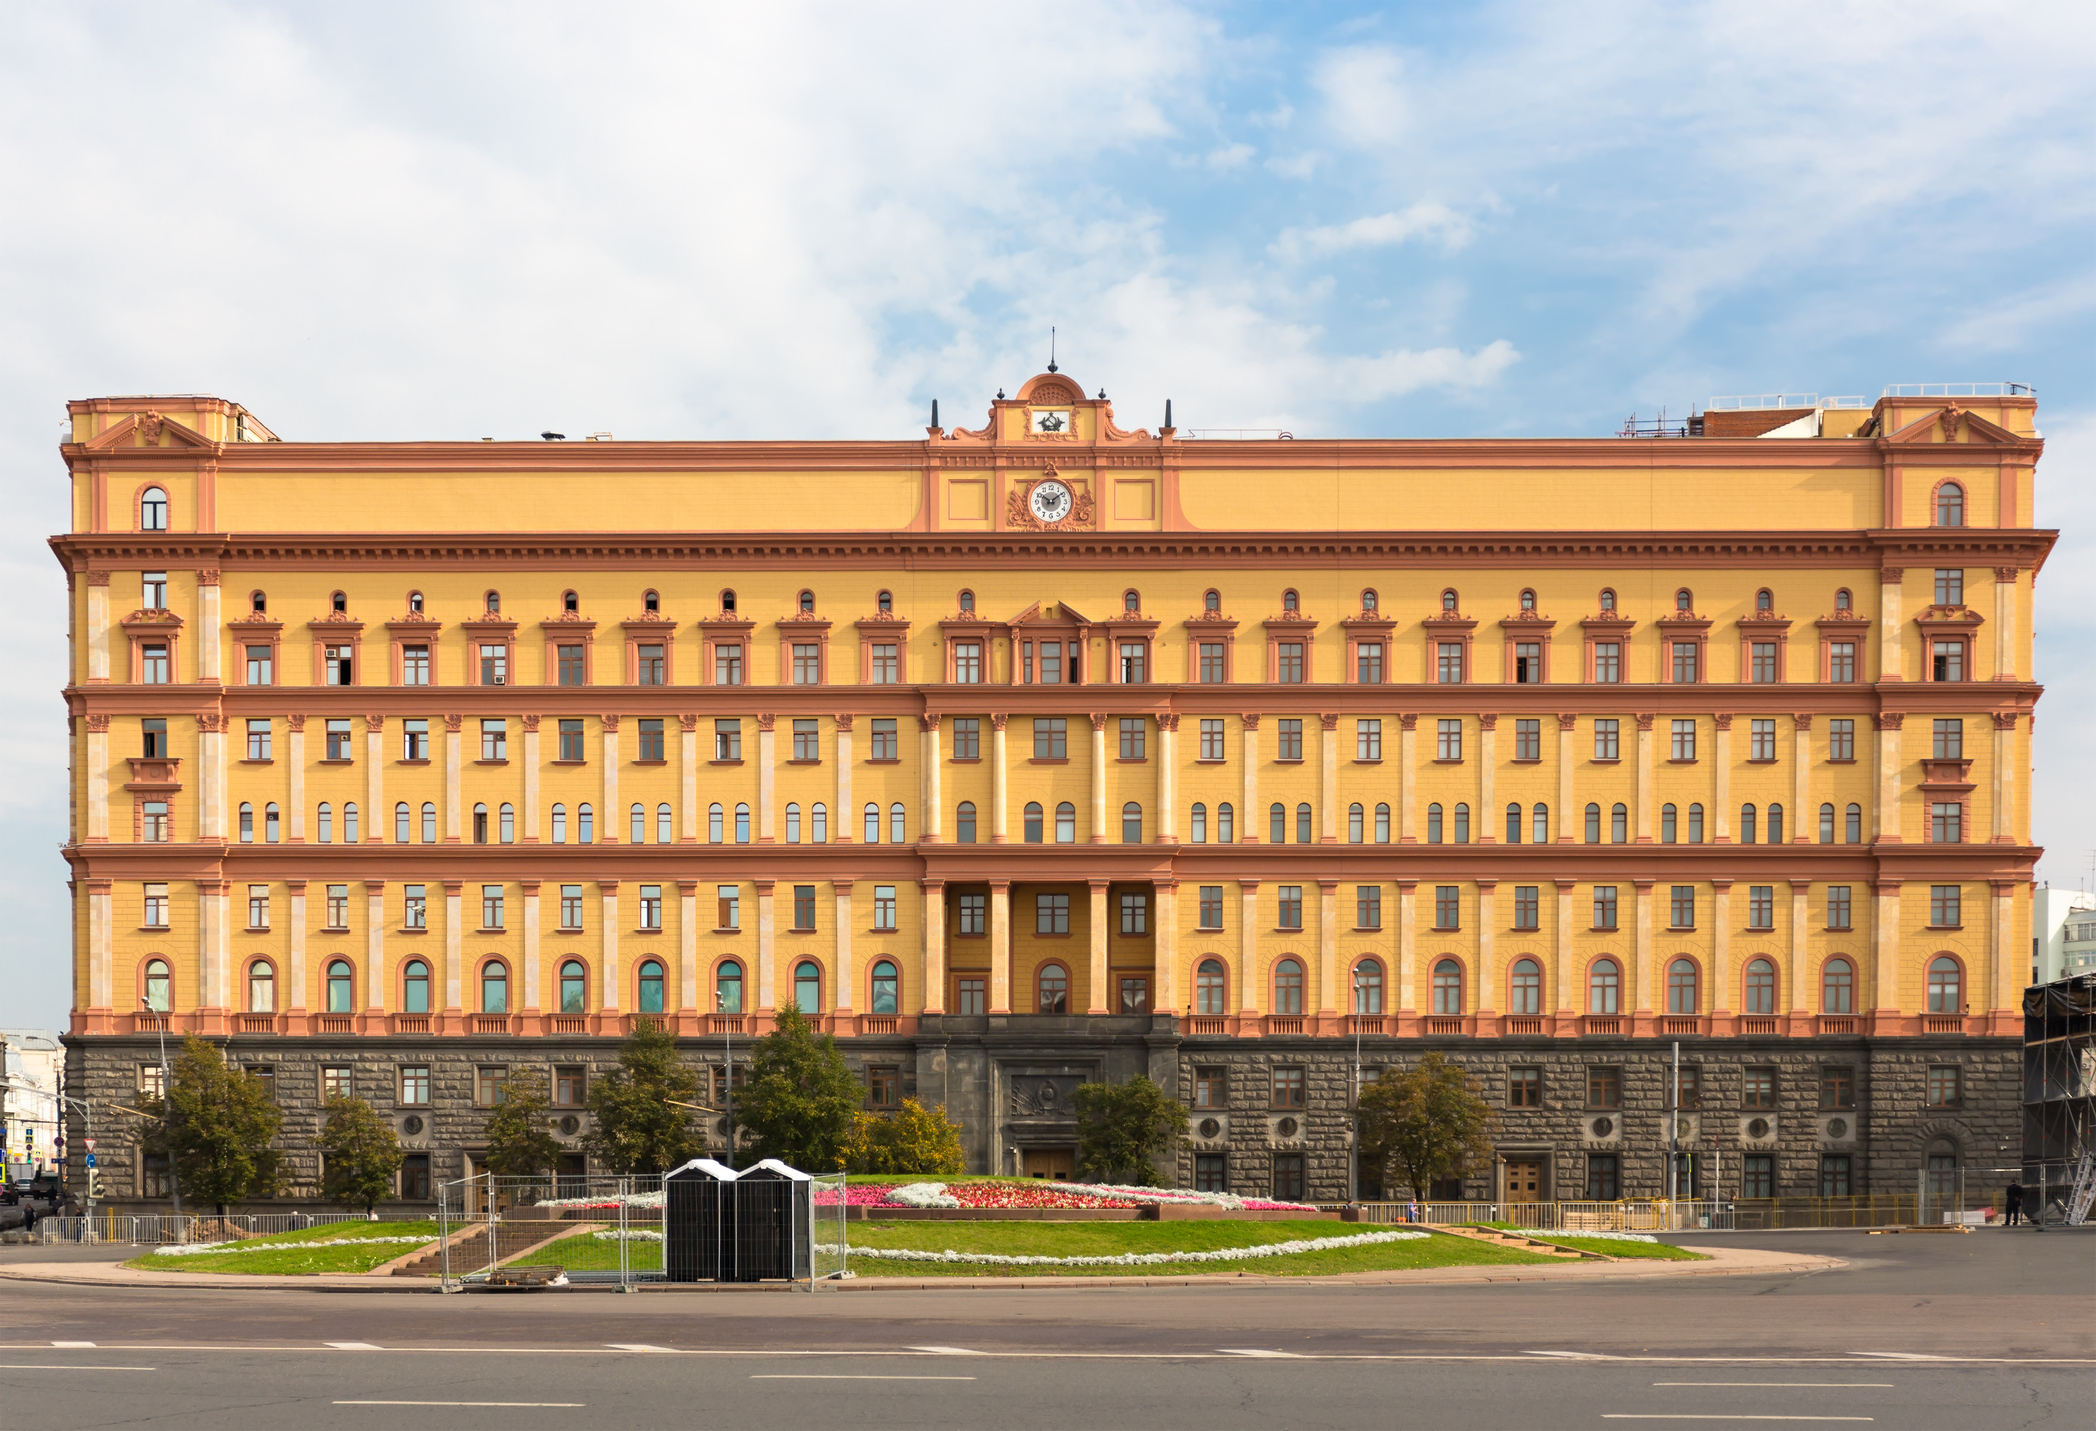 Hoofdkwartier van de Russische geheime dienst in Moskou